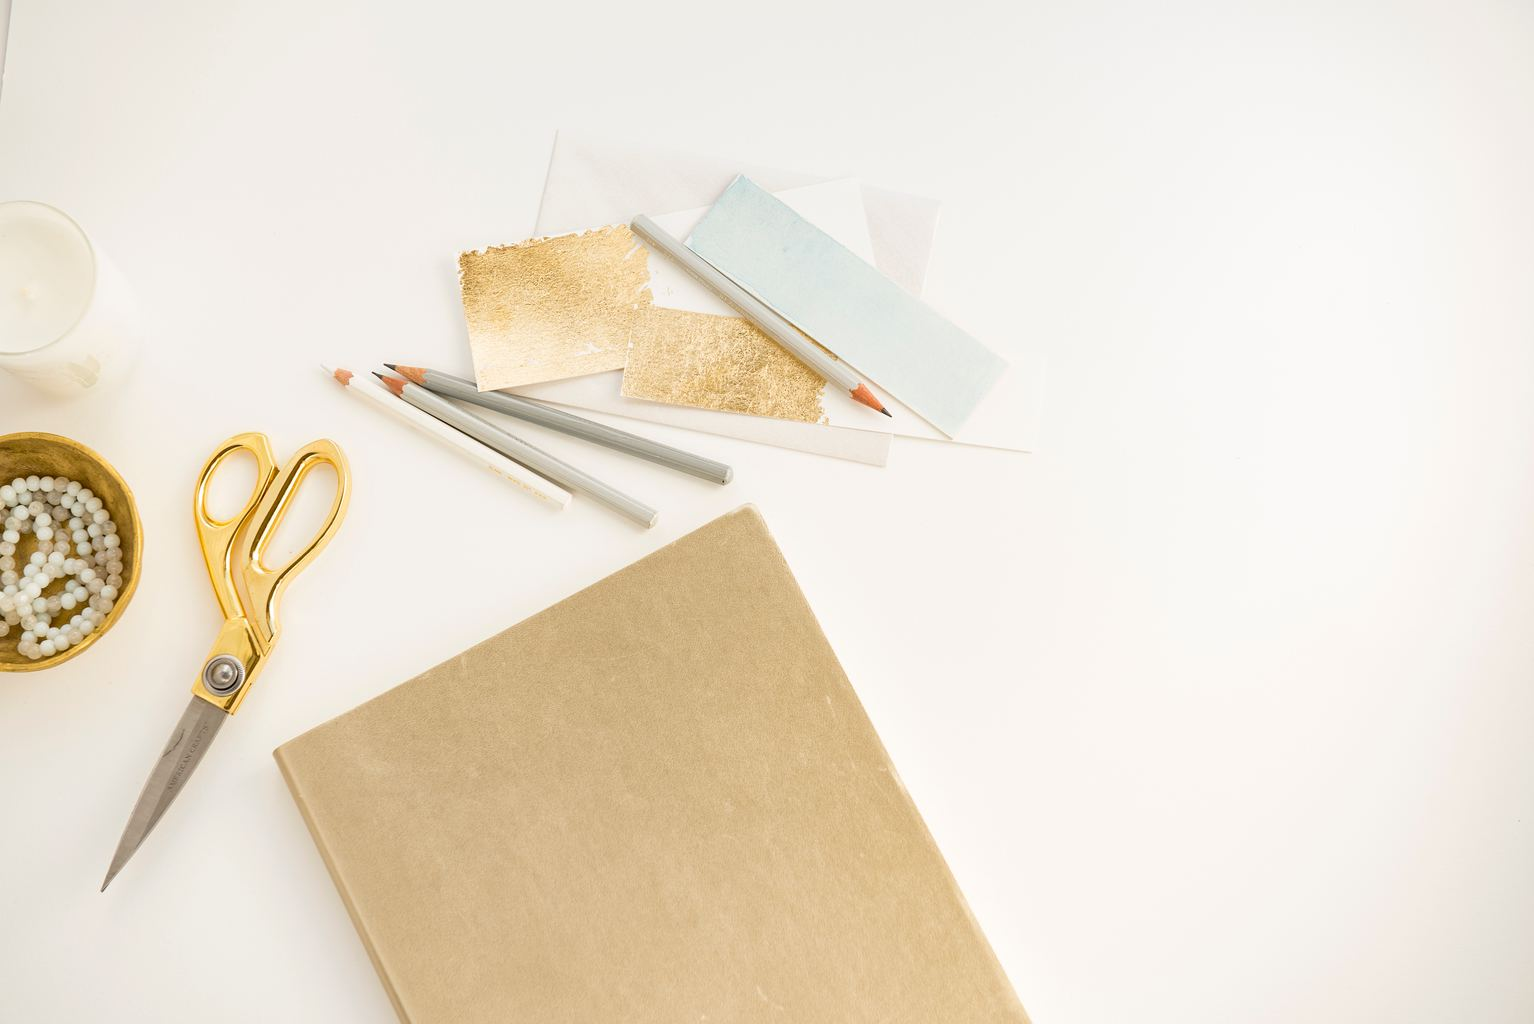 Tijeras y material para manualidades